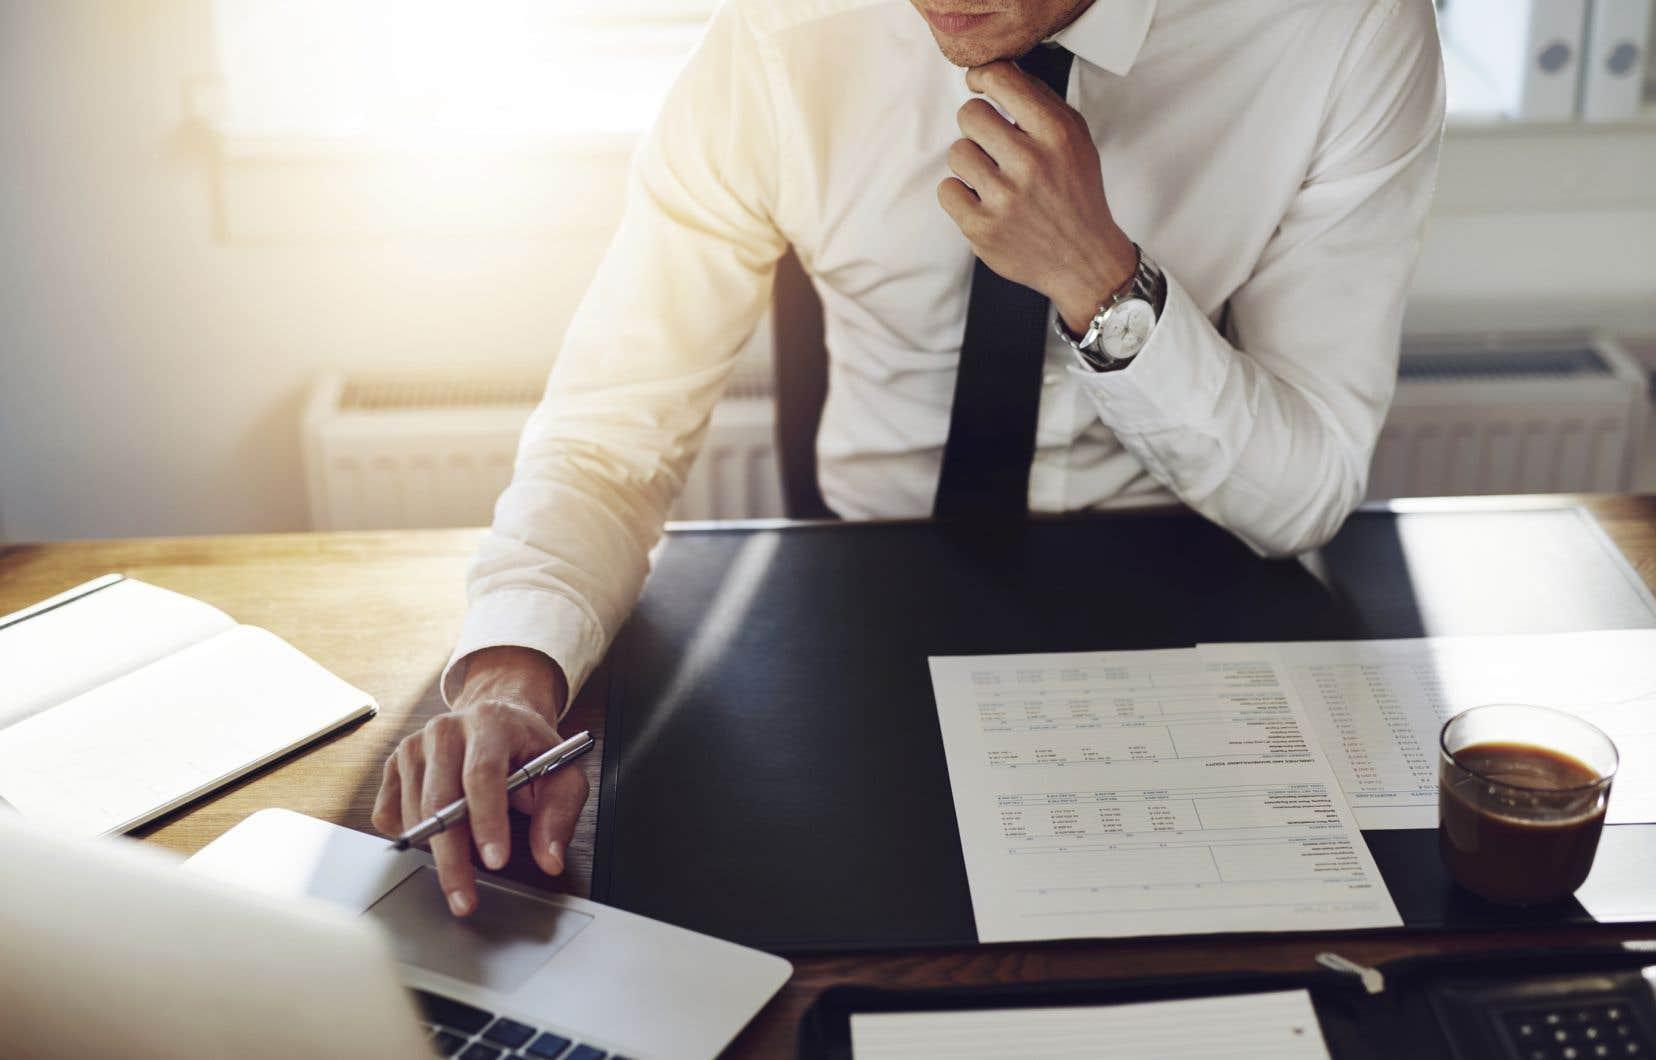 Selon Bloomberg, 10% des obligations d'entreprise dites de première qualité, que s'arrachent les investisseurs institutionnels, évoluent en territoire sous zéro.